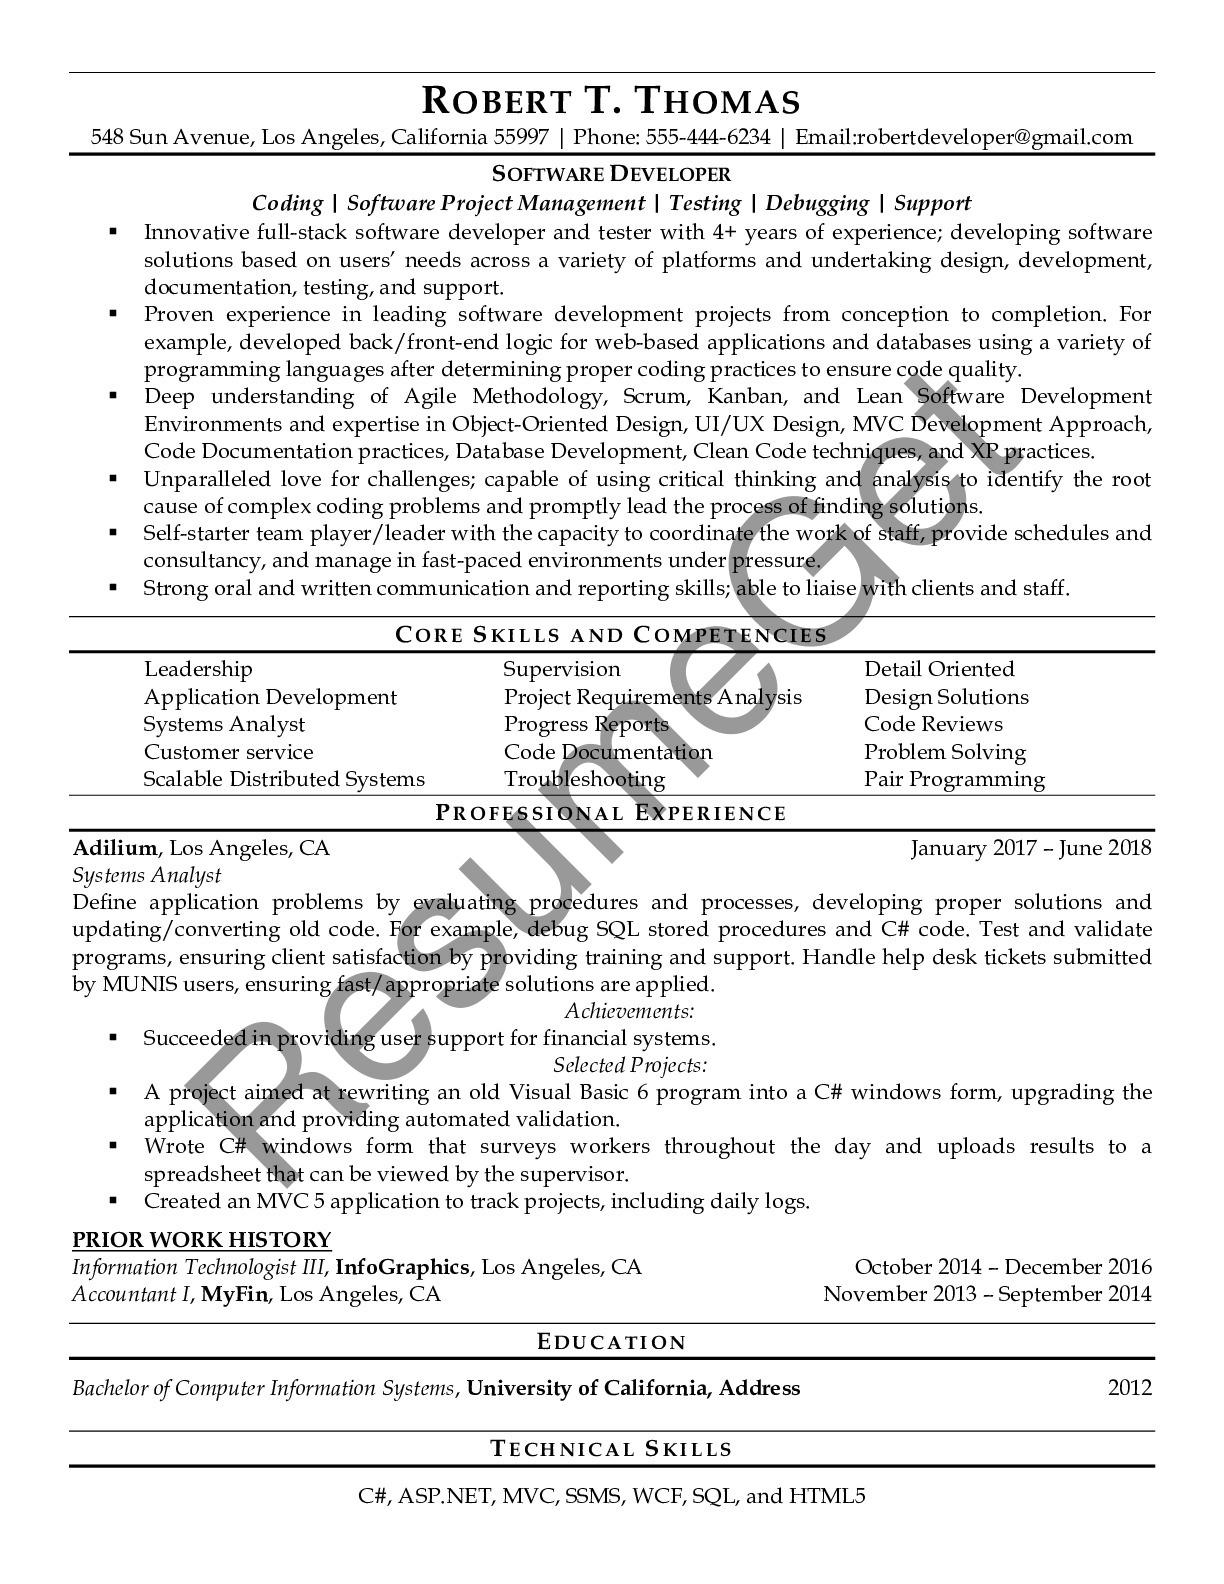 Resume Example for Software Developer